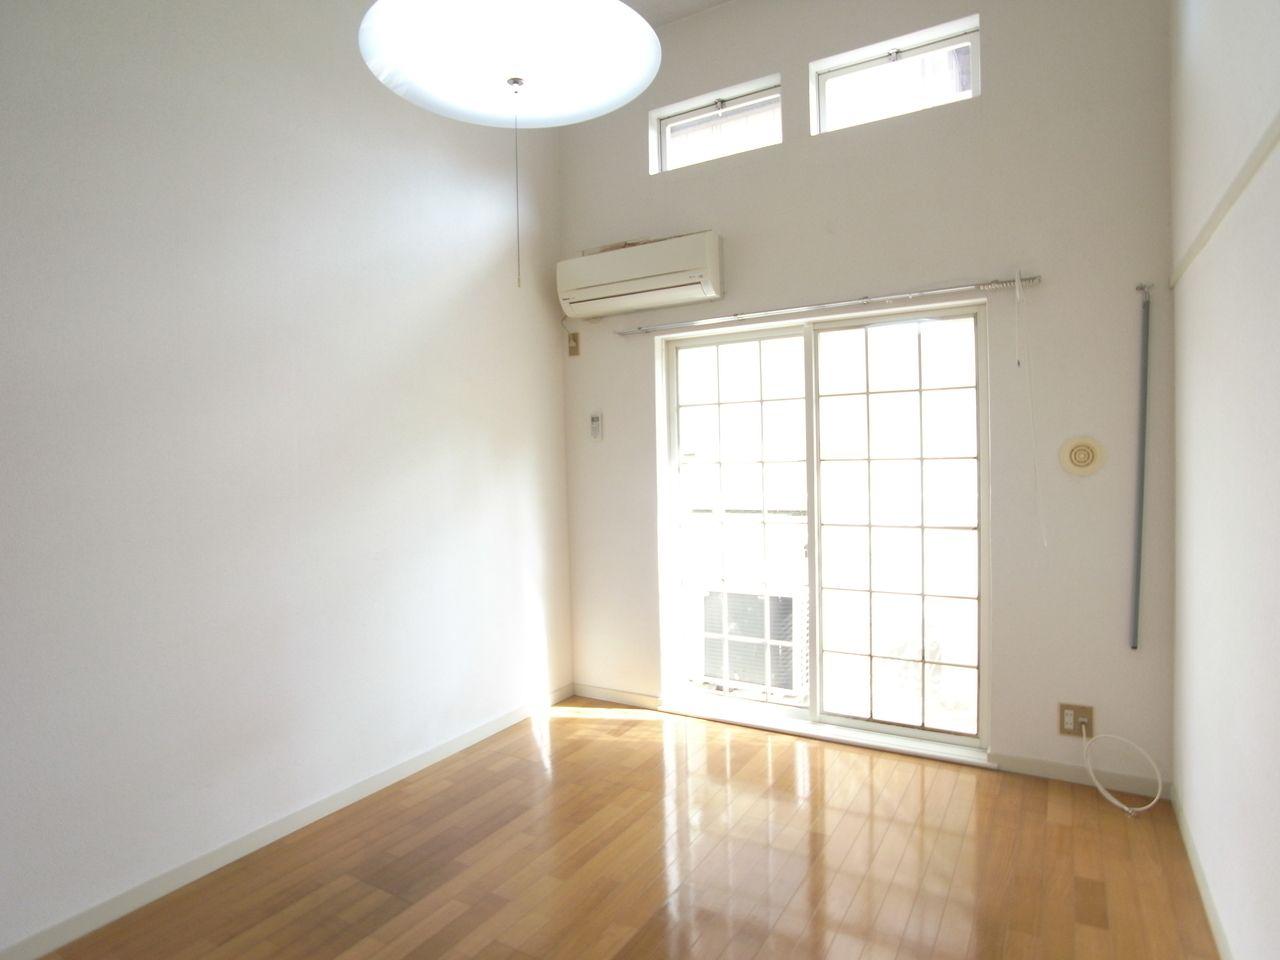 上部に窓があるので明るい室内